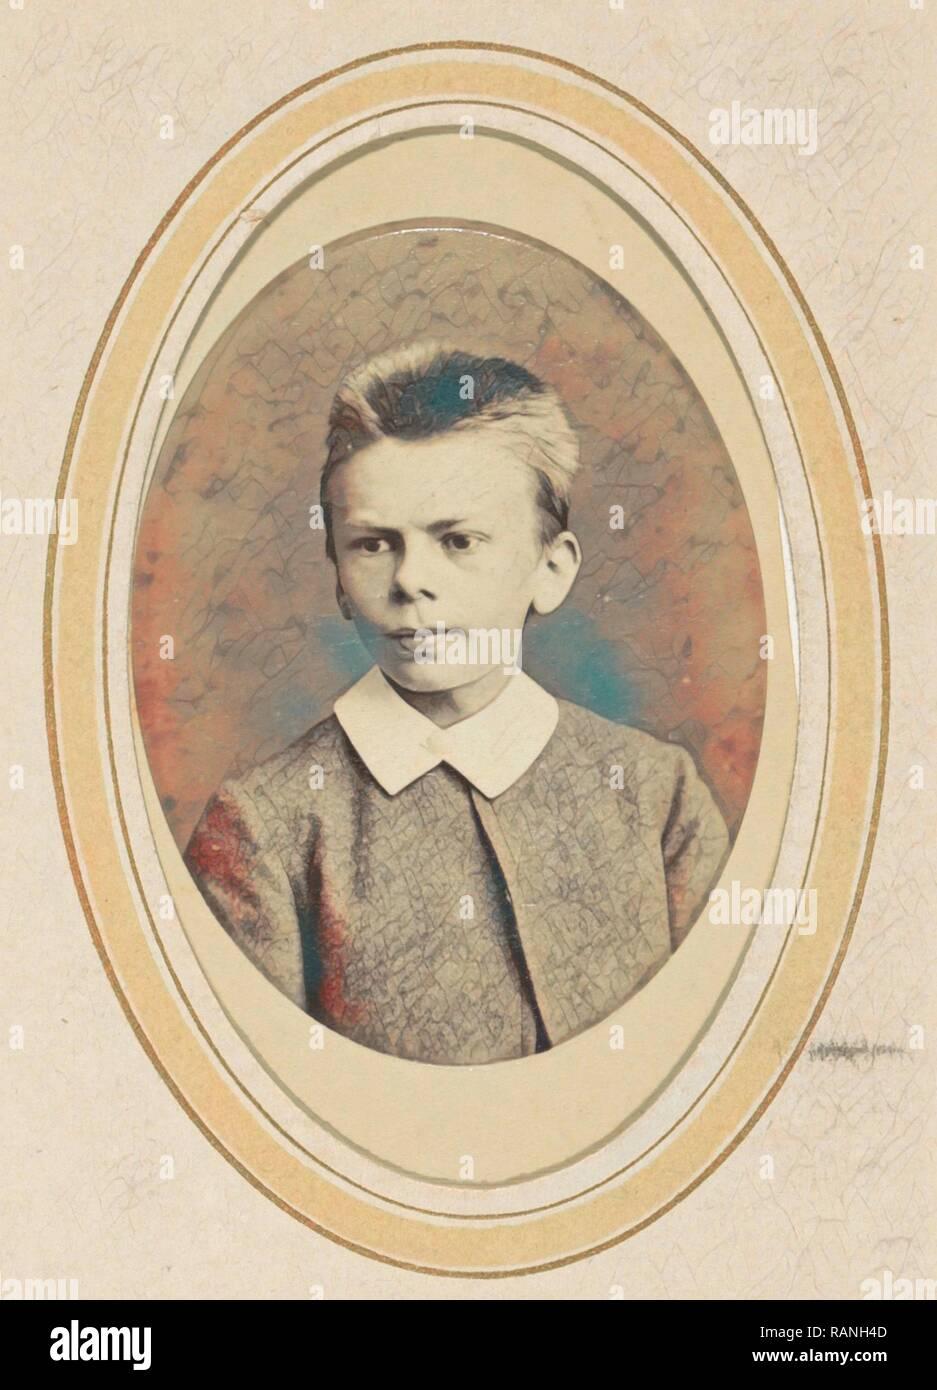 Ritratto di un ragazzo con un colletto bianco, J.C. Reesinck, 1866 - c. 1900. Reinventato da Gibon. Arte Classica con un moderno reinventato Immagini Stock